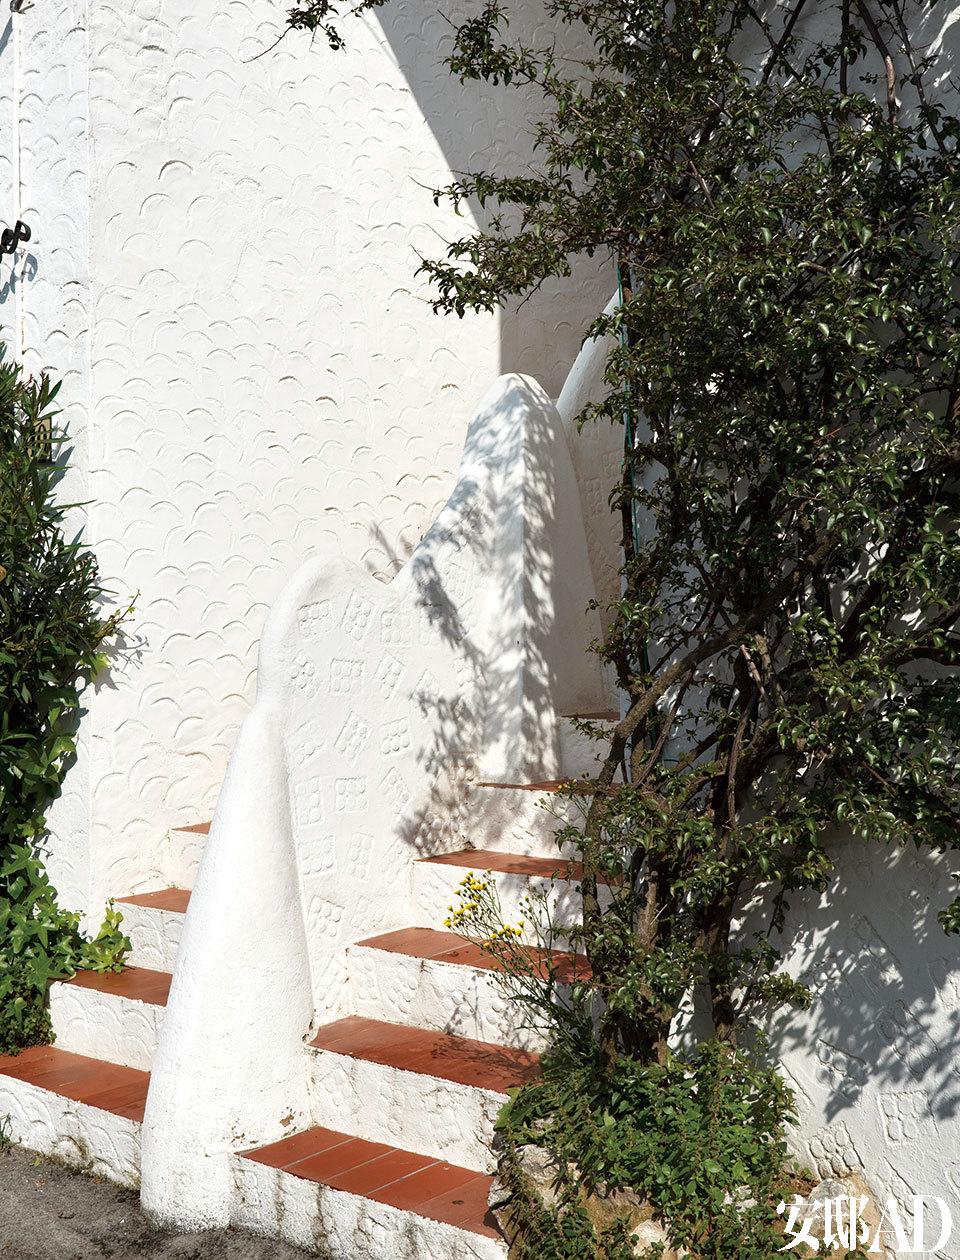 阳光与阴影的游戏、各种传统的地中海文化元素,都被设计师天真地玩味着。这个通向其中一栋房子的入口是如此天真烂漫,从分隔栏杆的形状到装饰外部选用的印花都散发着这种味道。